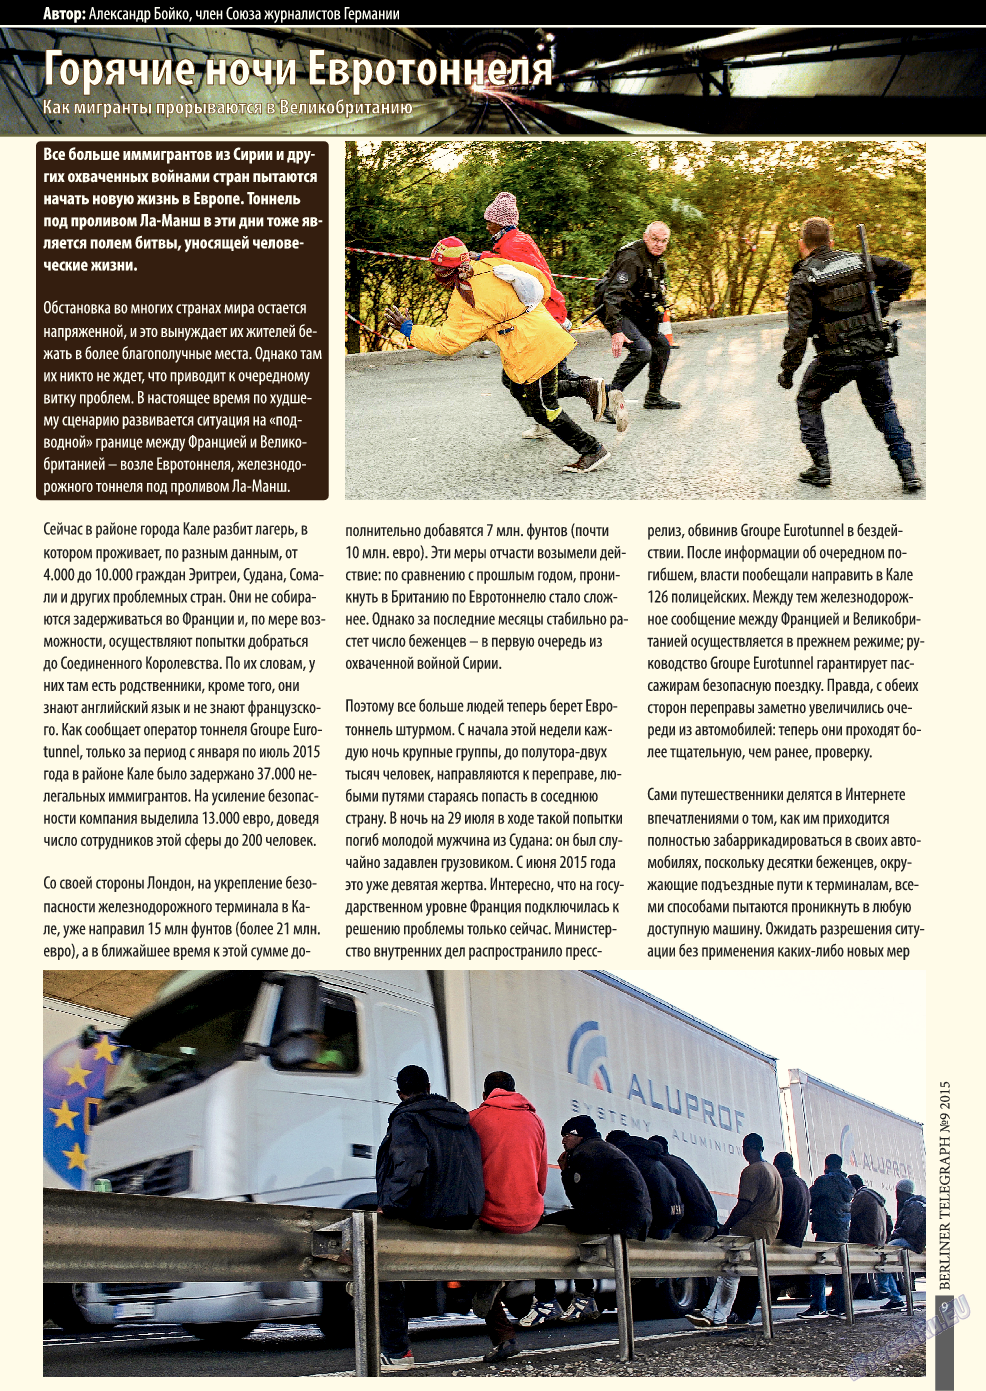 Берлинский телеграф (журнал). 2015 год, номер 9, стр. 9